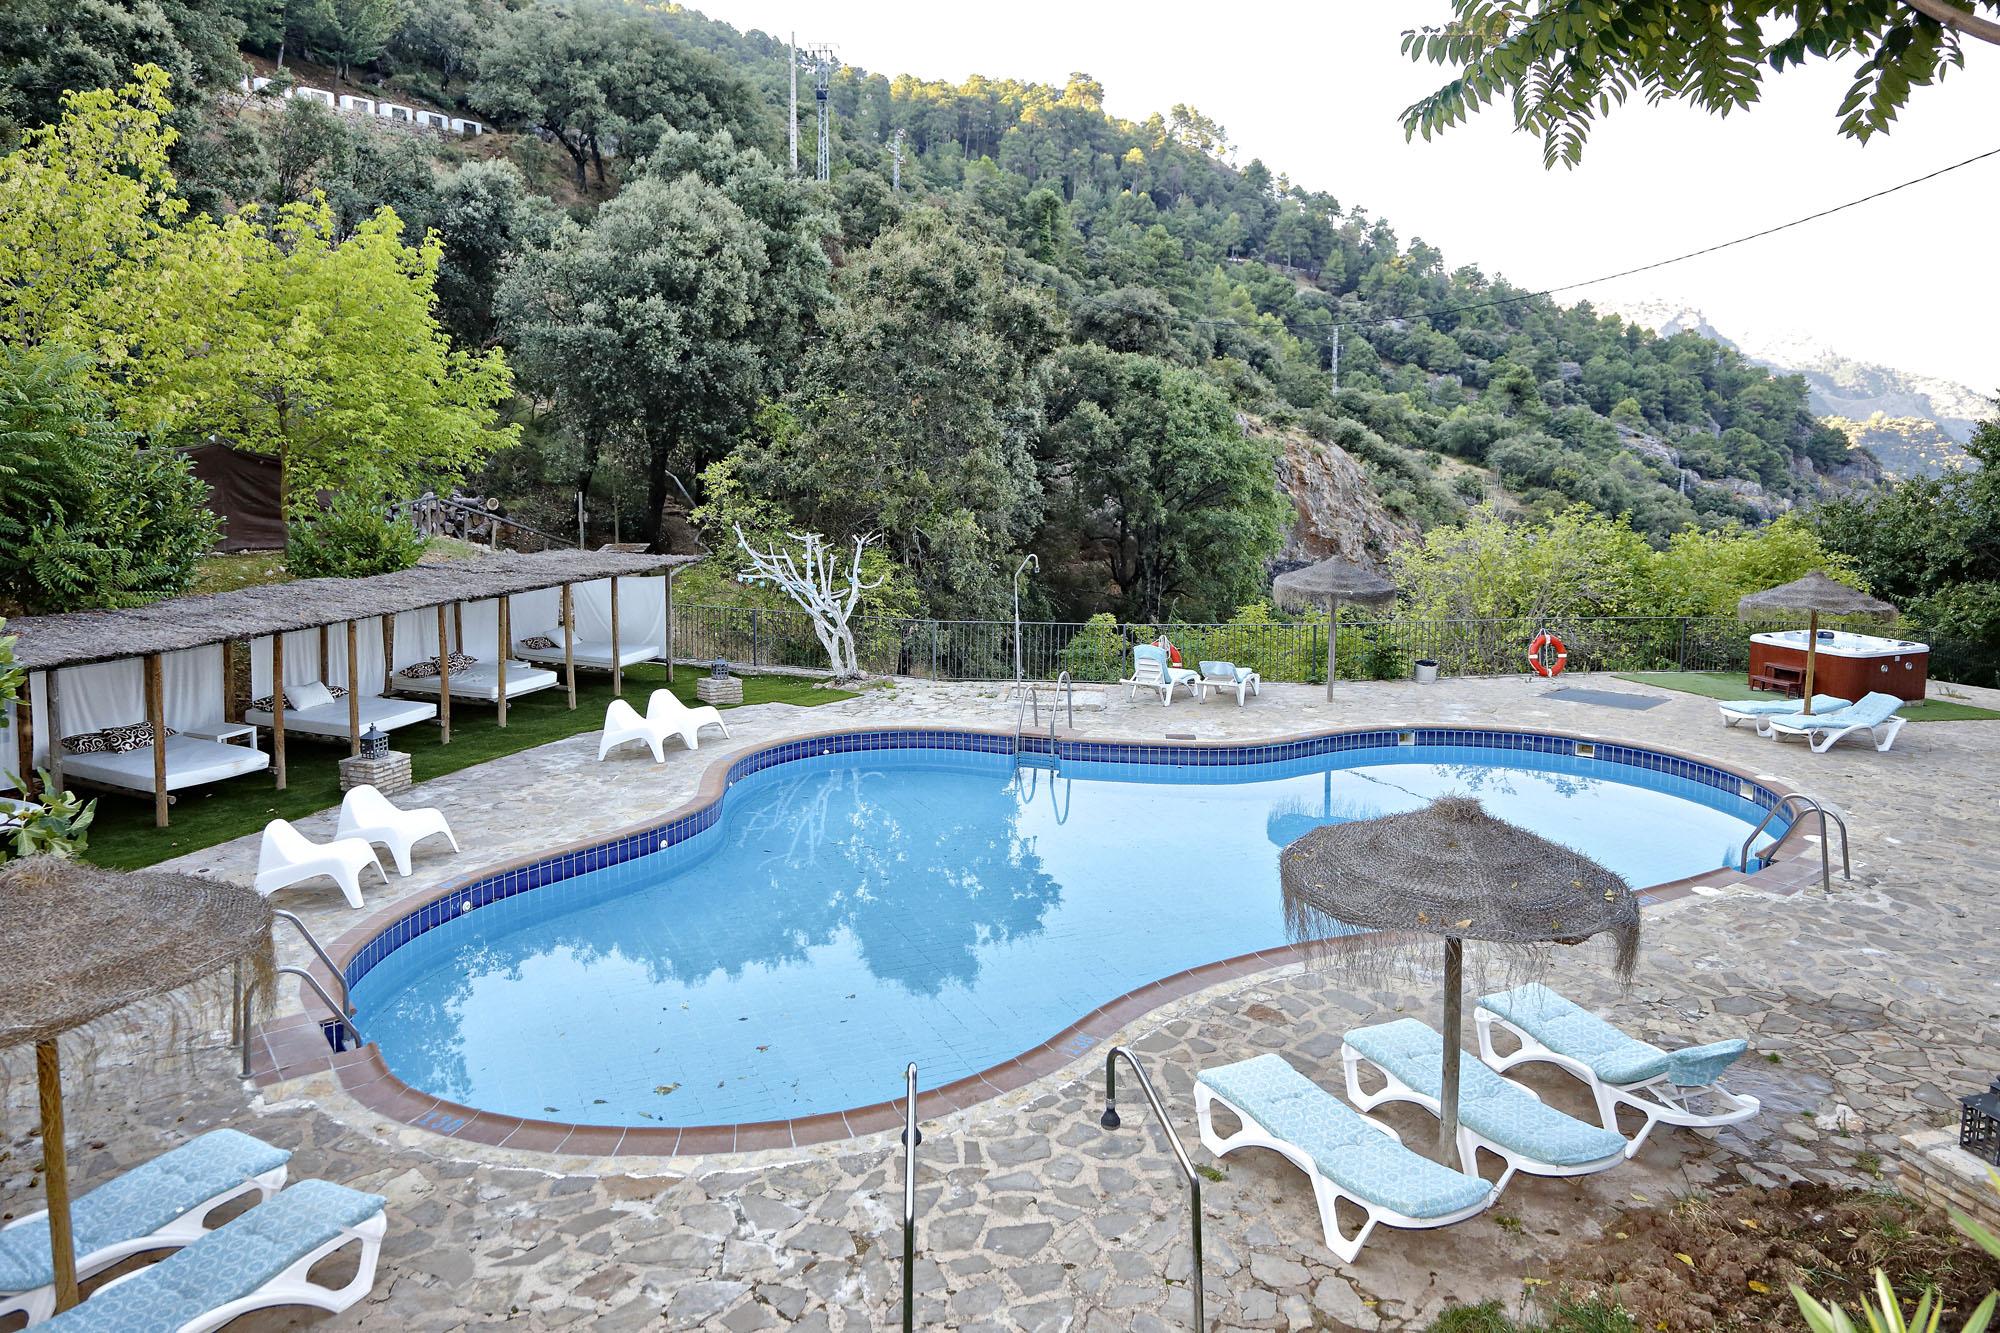 Hay mañanas en las que los machos monteses bajan a beber a la piscina.